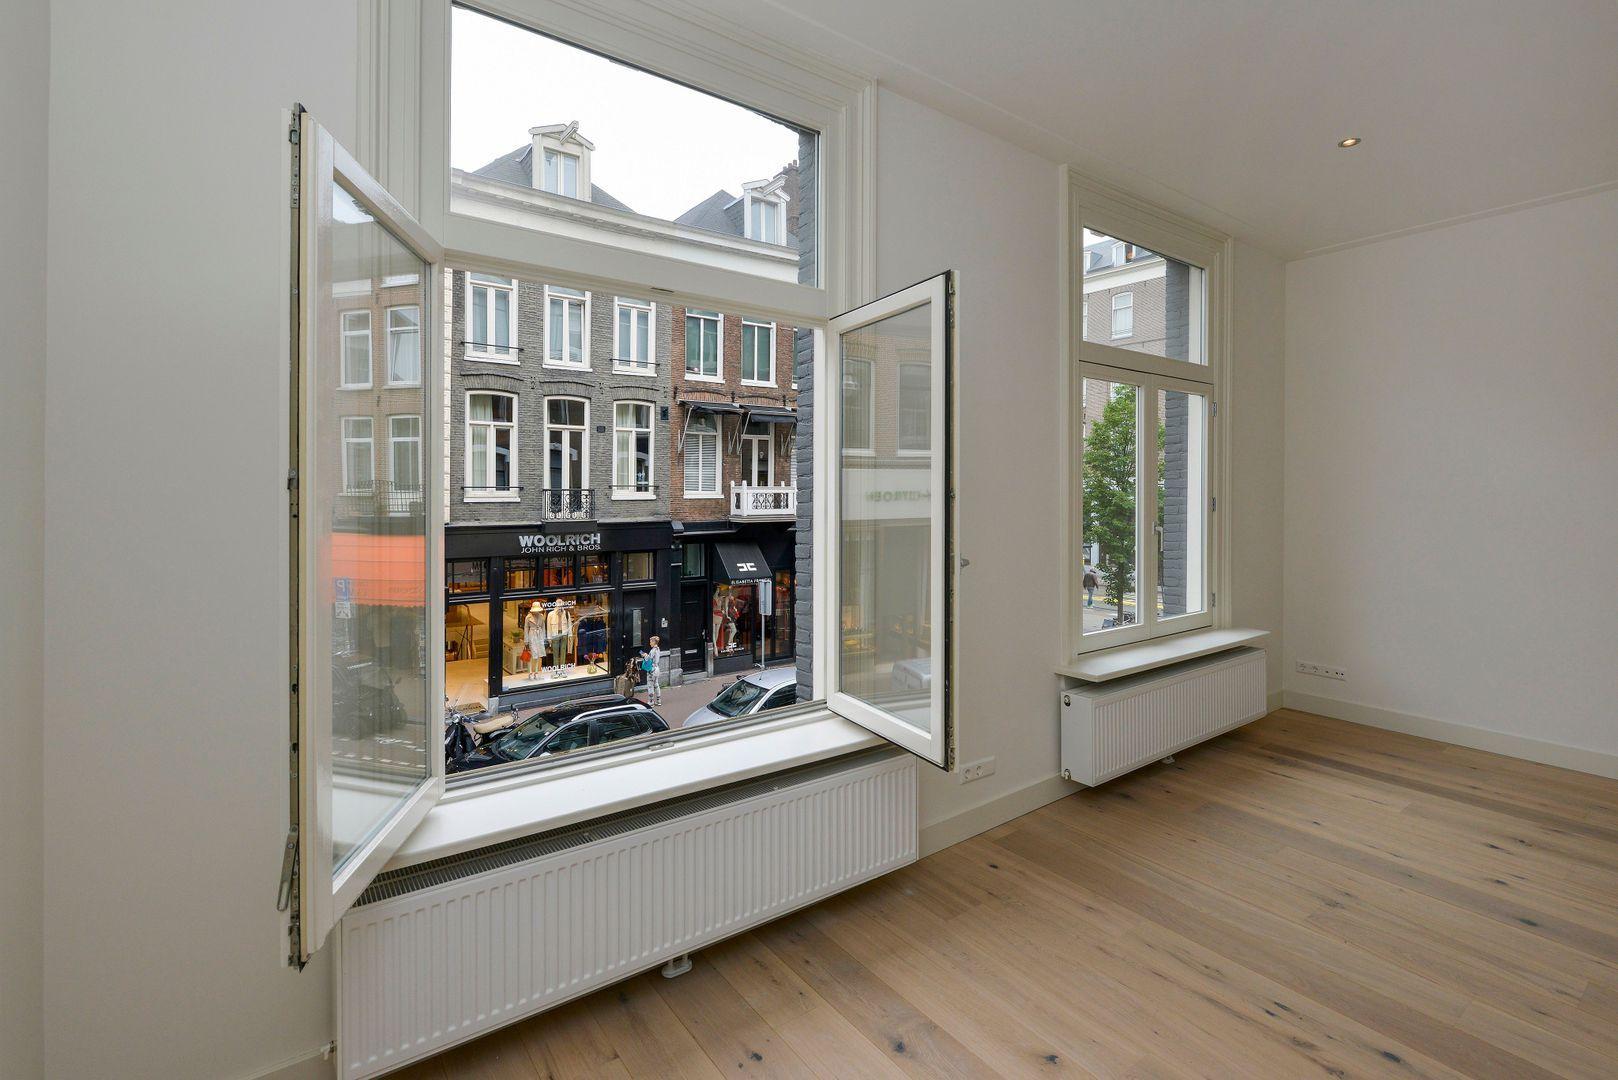 Pieter Cornelisz. Hooftstraat 35 1, Amsterdam foto-4